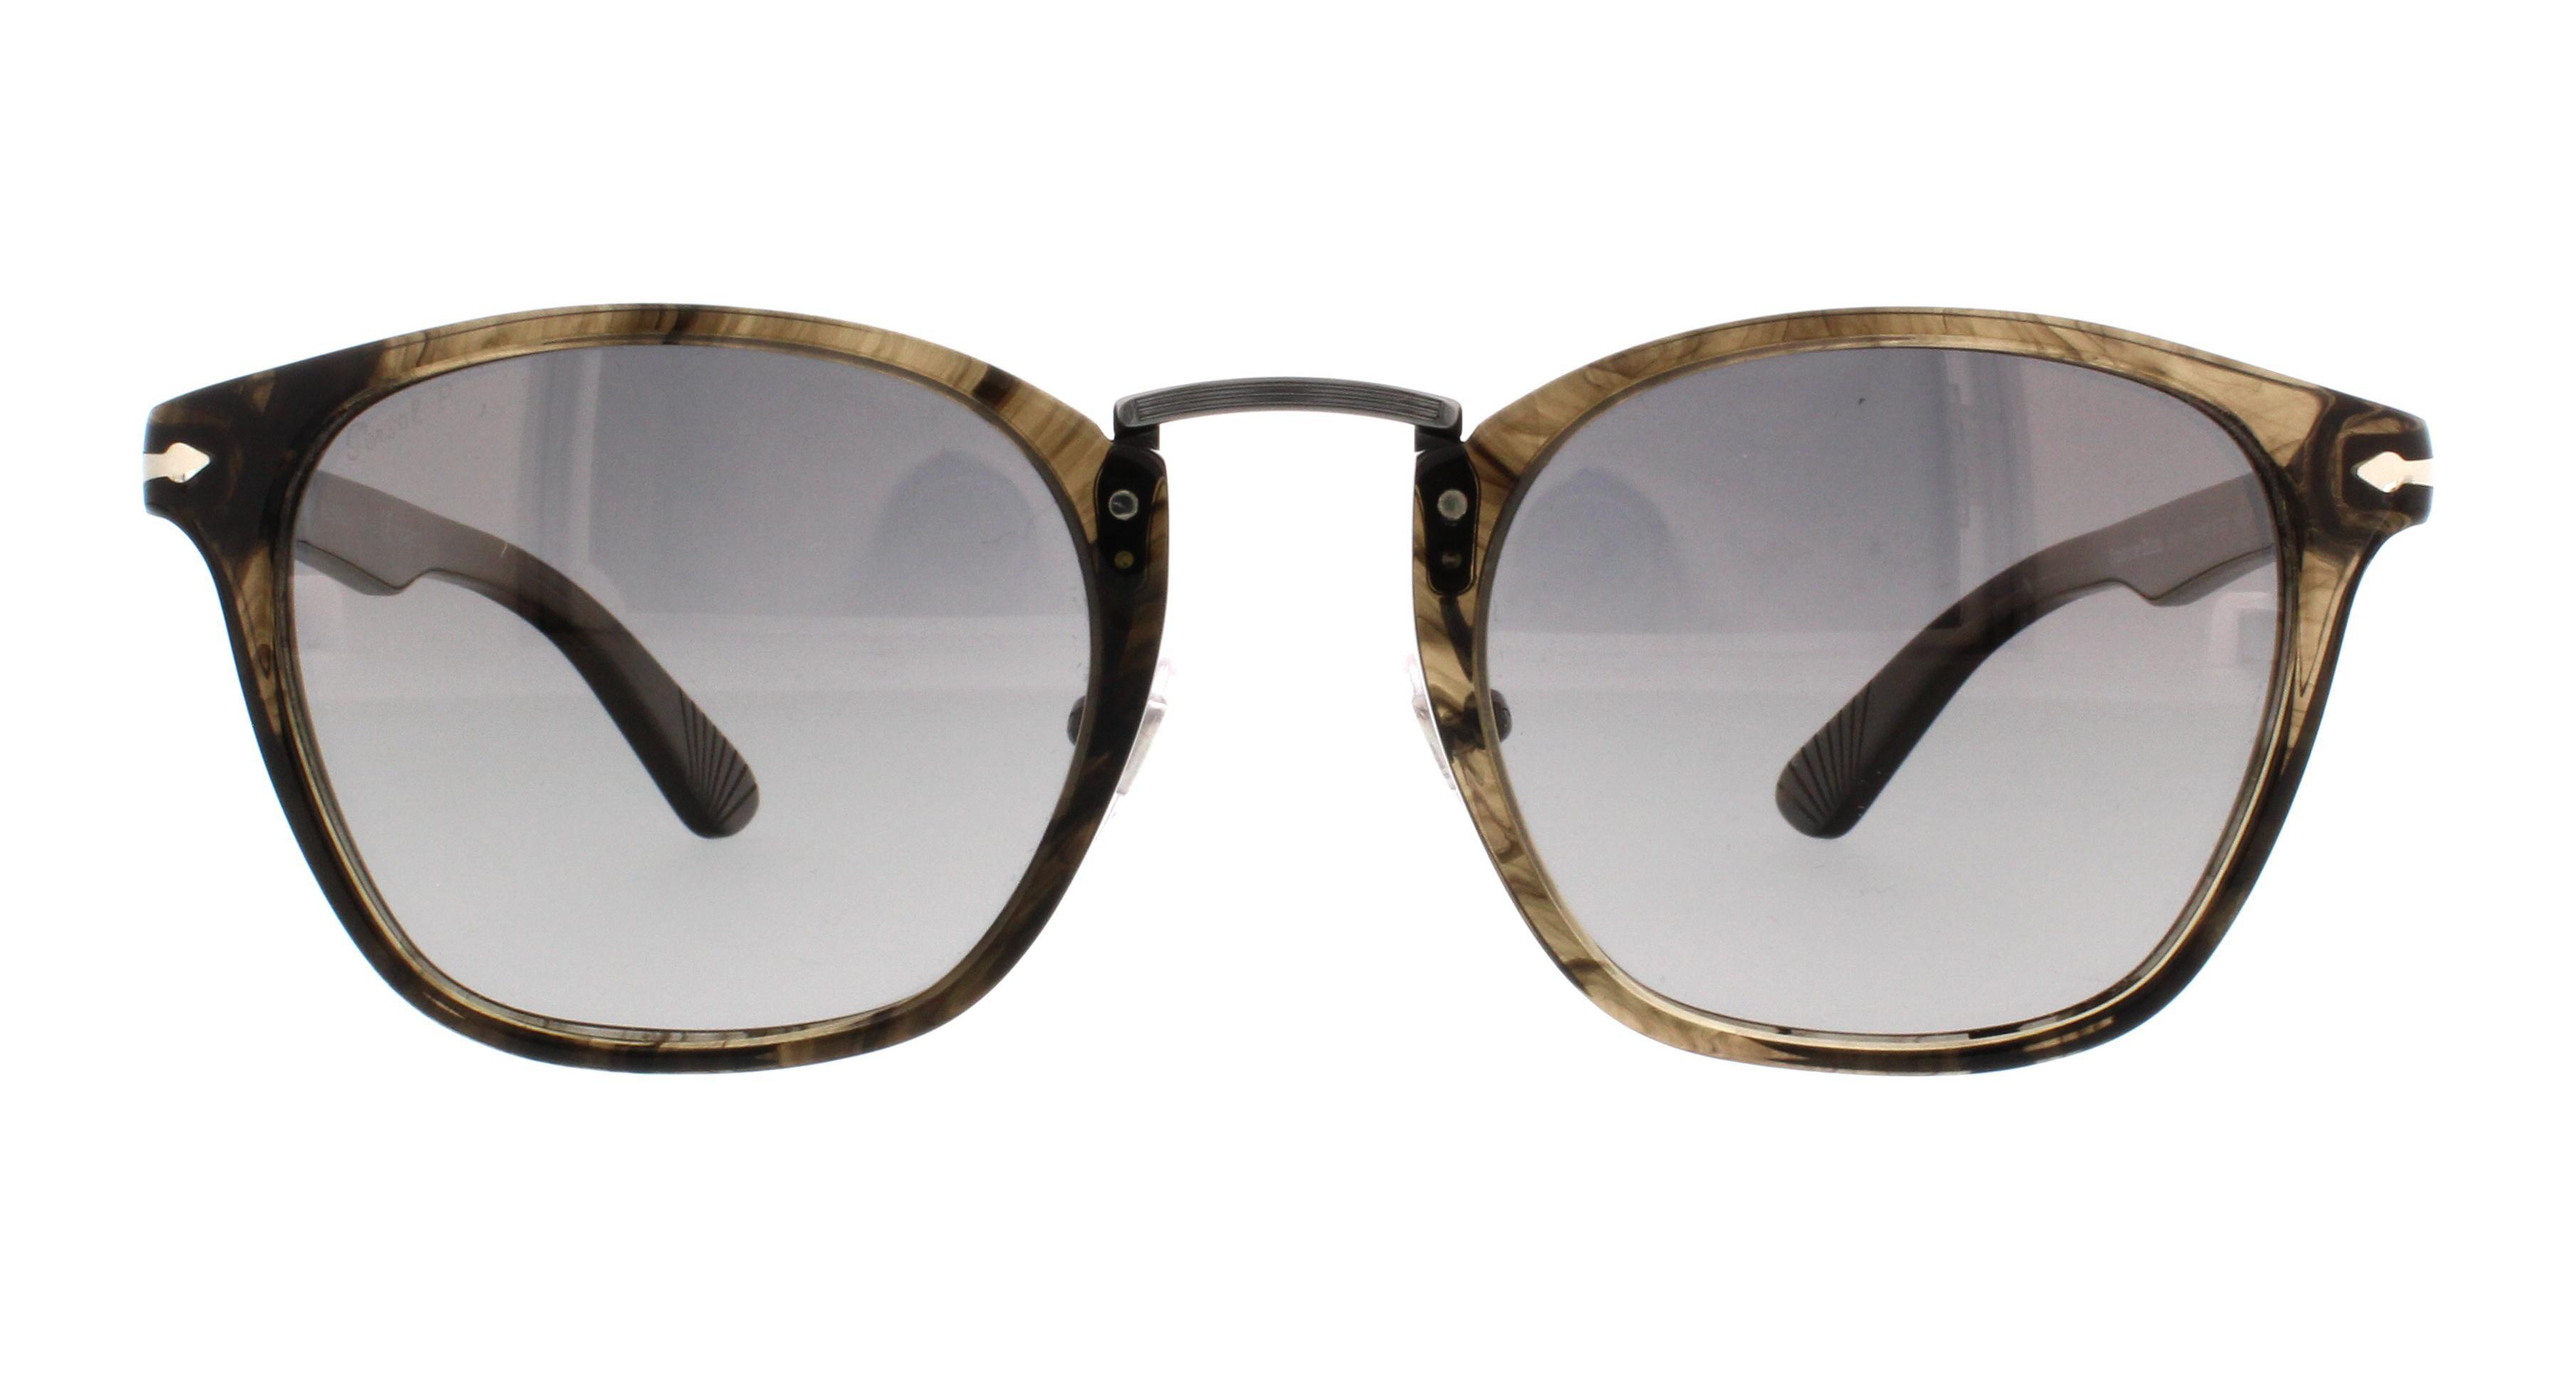 0c8a5368929 Persol - PERSOL Sunglasses PO 3110S 1019M3 Cortex Striped 51MM - Walmart.com